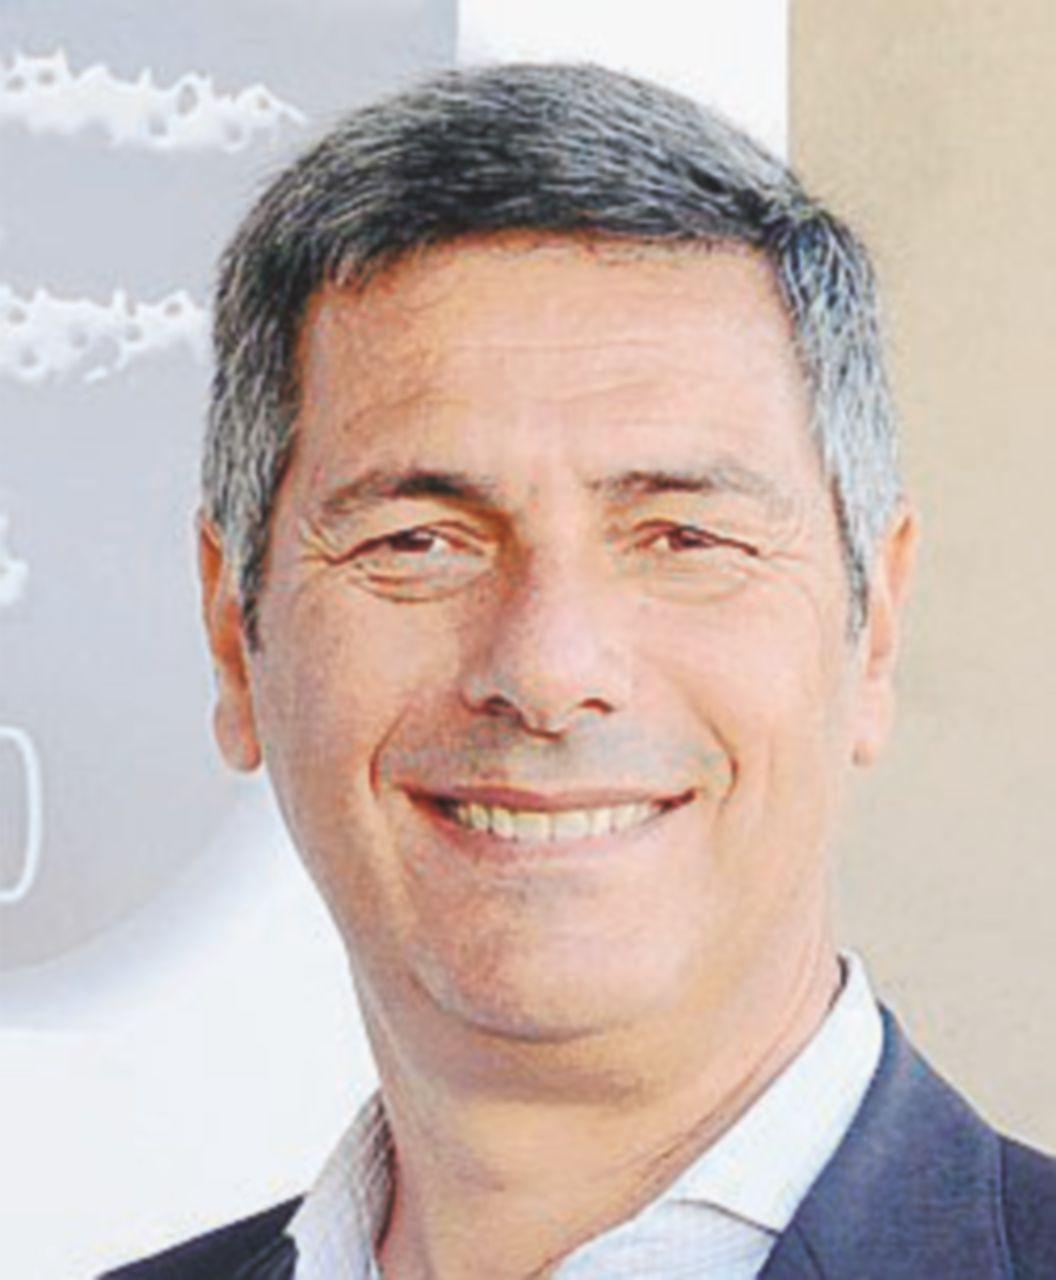 Angelino sigilla il patto con Matteo: il vice di Micari è La Via, fedelissimo di Castiglione